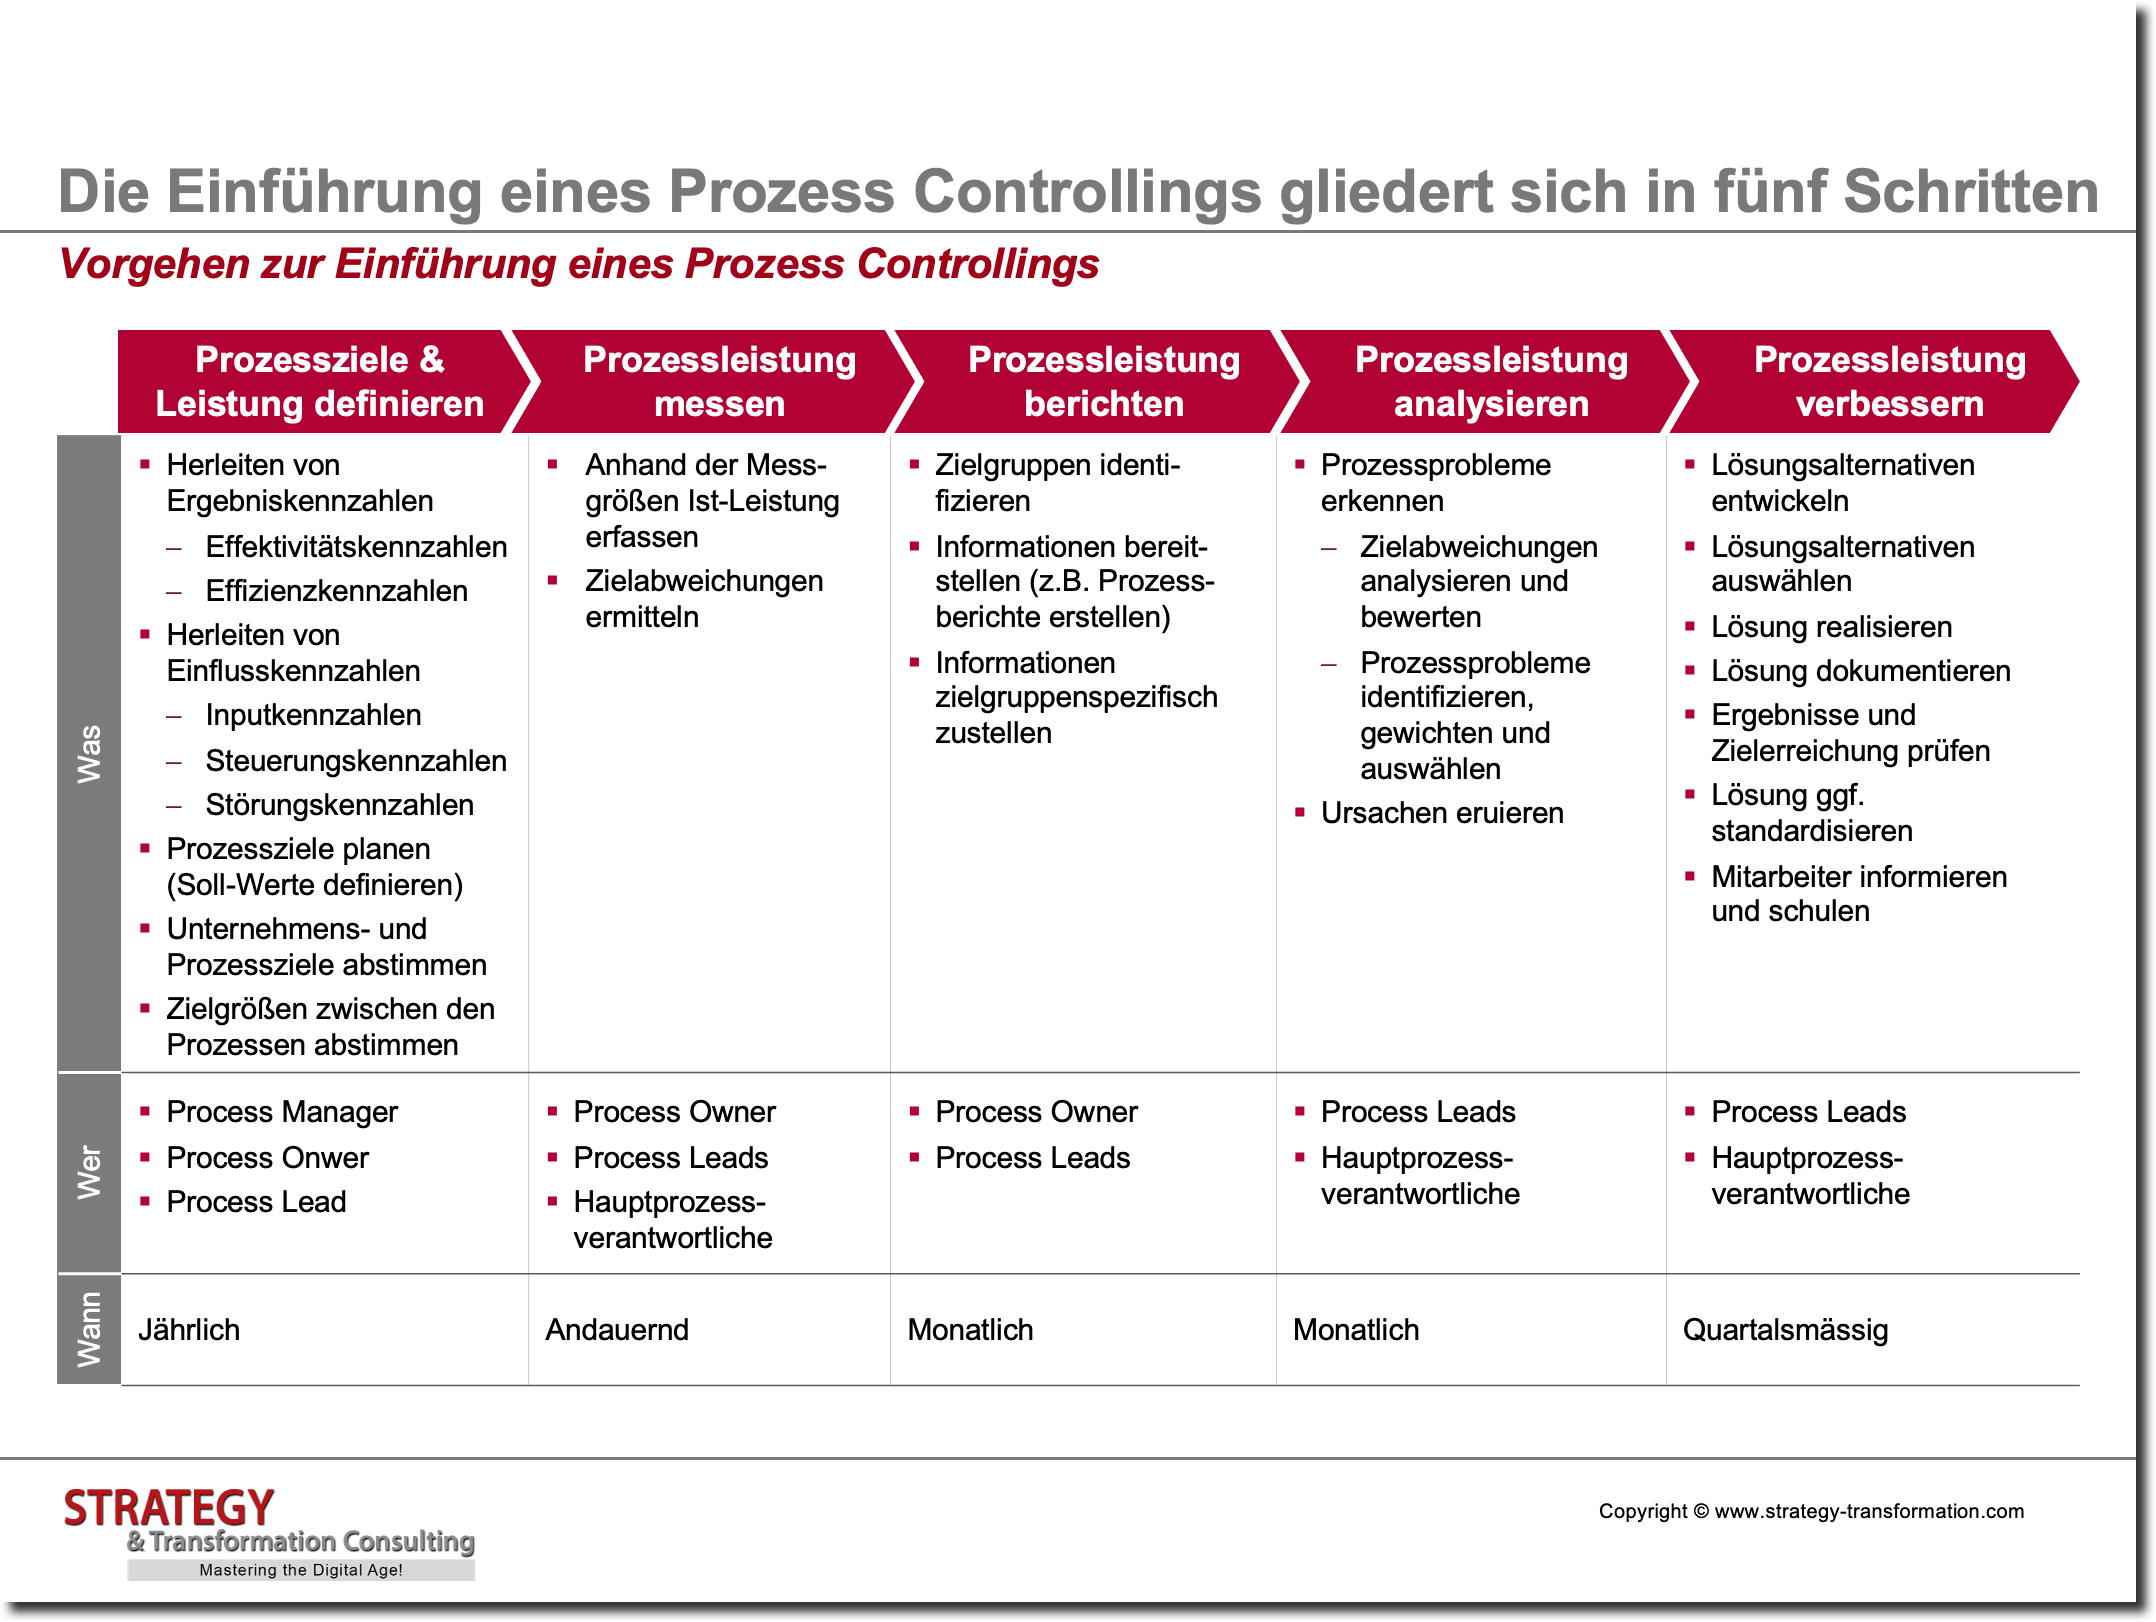 Vorgehen zur Einführung eines Prozess Controllings